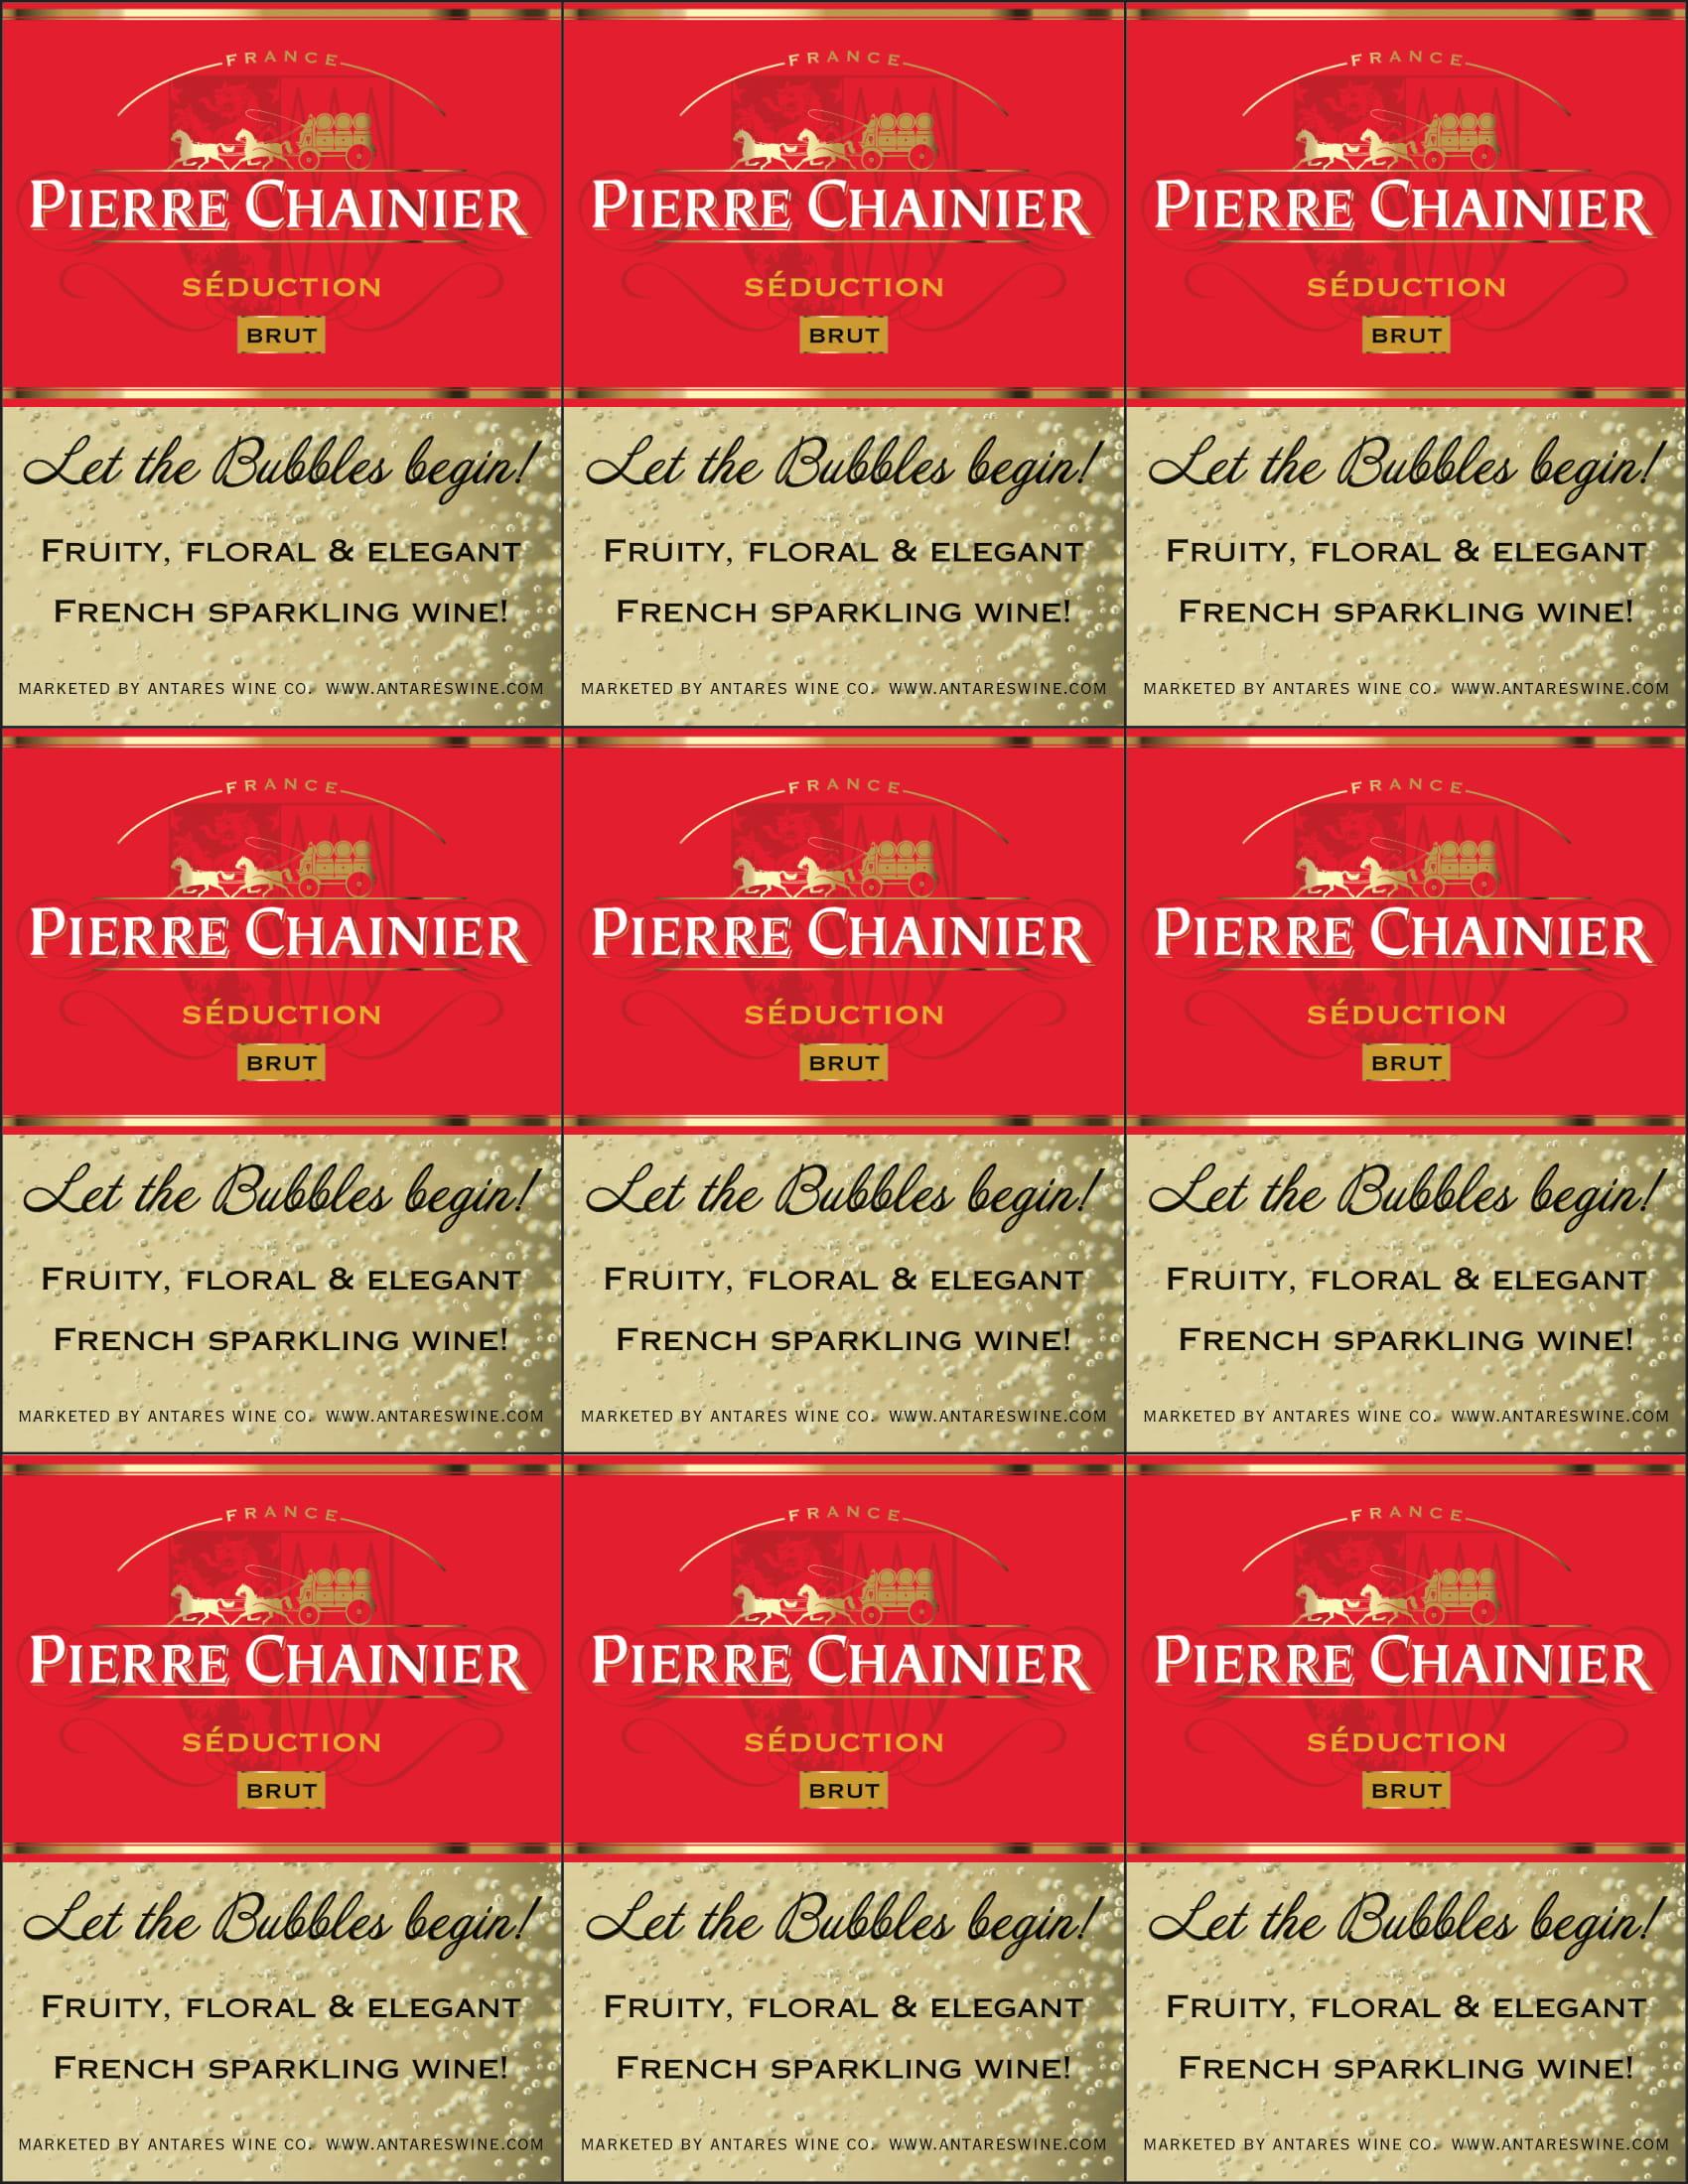 Pierre Chainier Sparkling Brut Shelf Talker